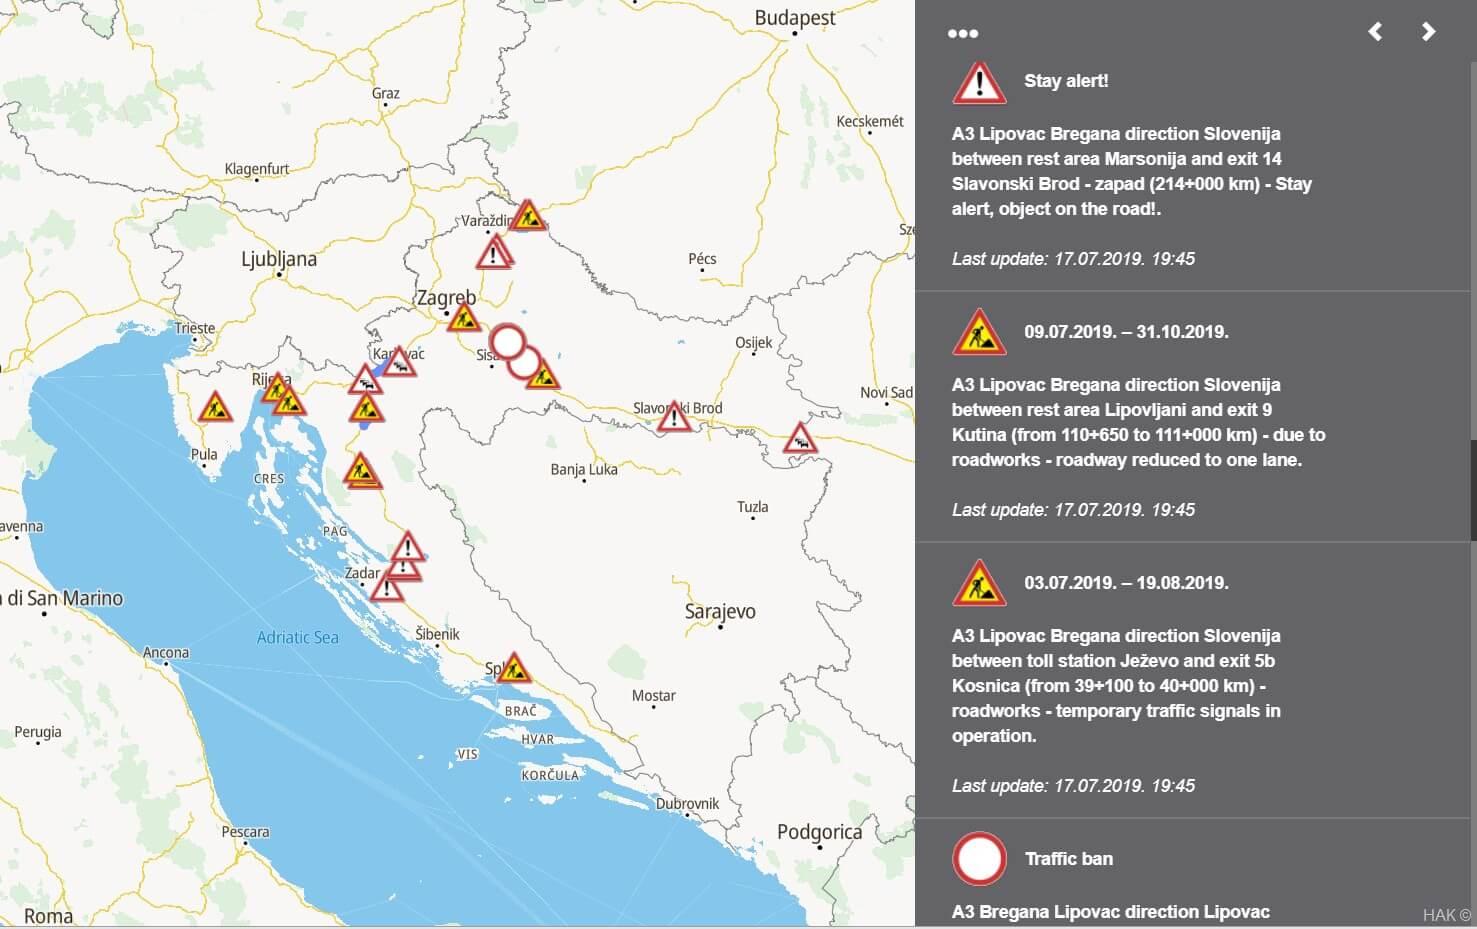 carte des travaux et ralentissements sur les autoroutes en Croatie 2019 (1)